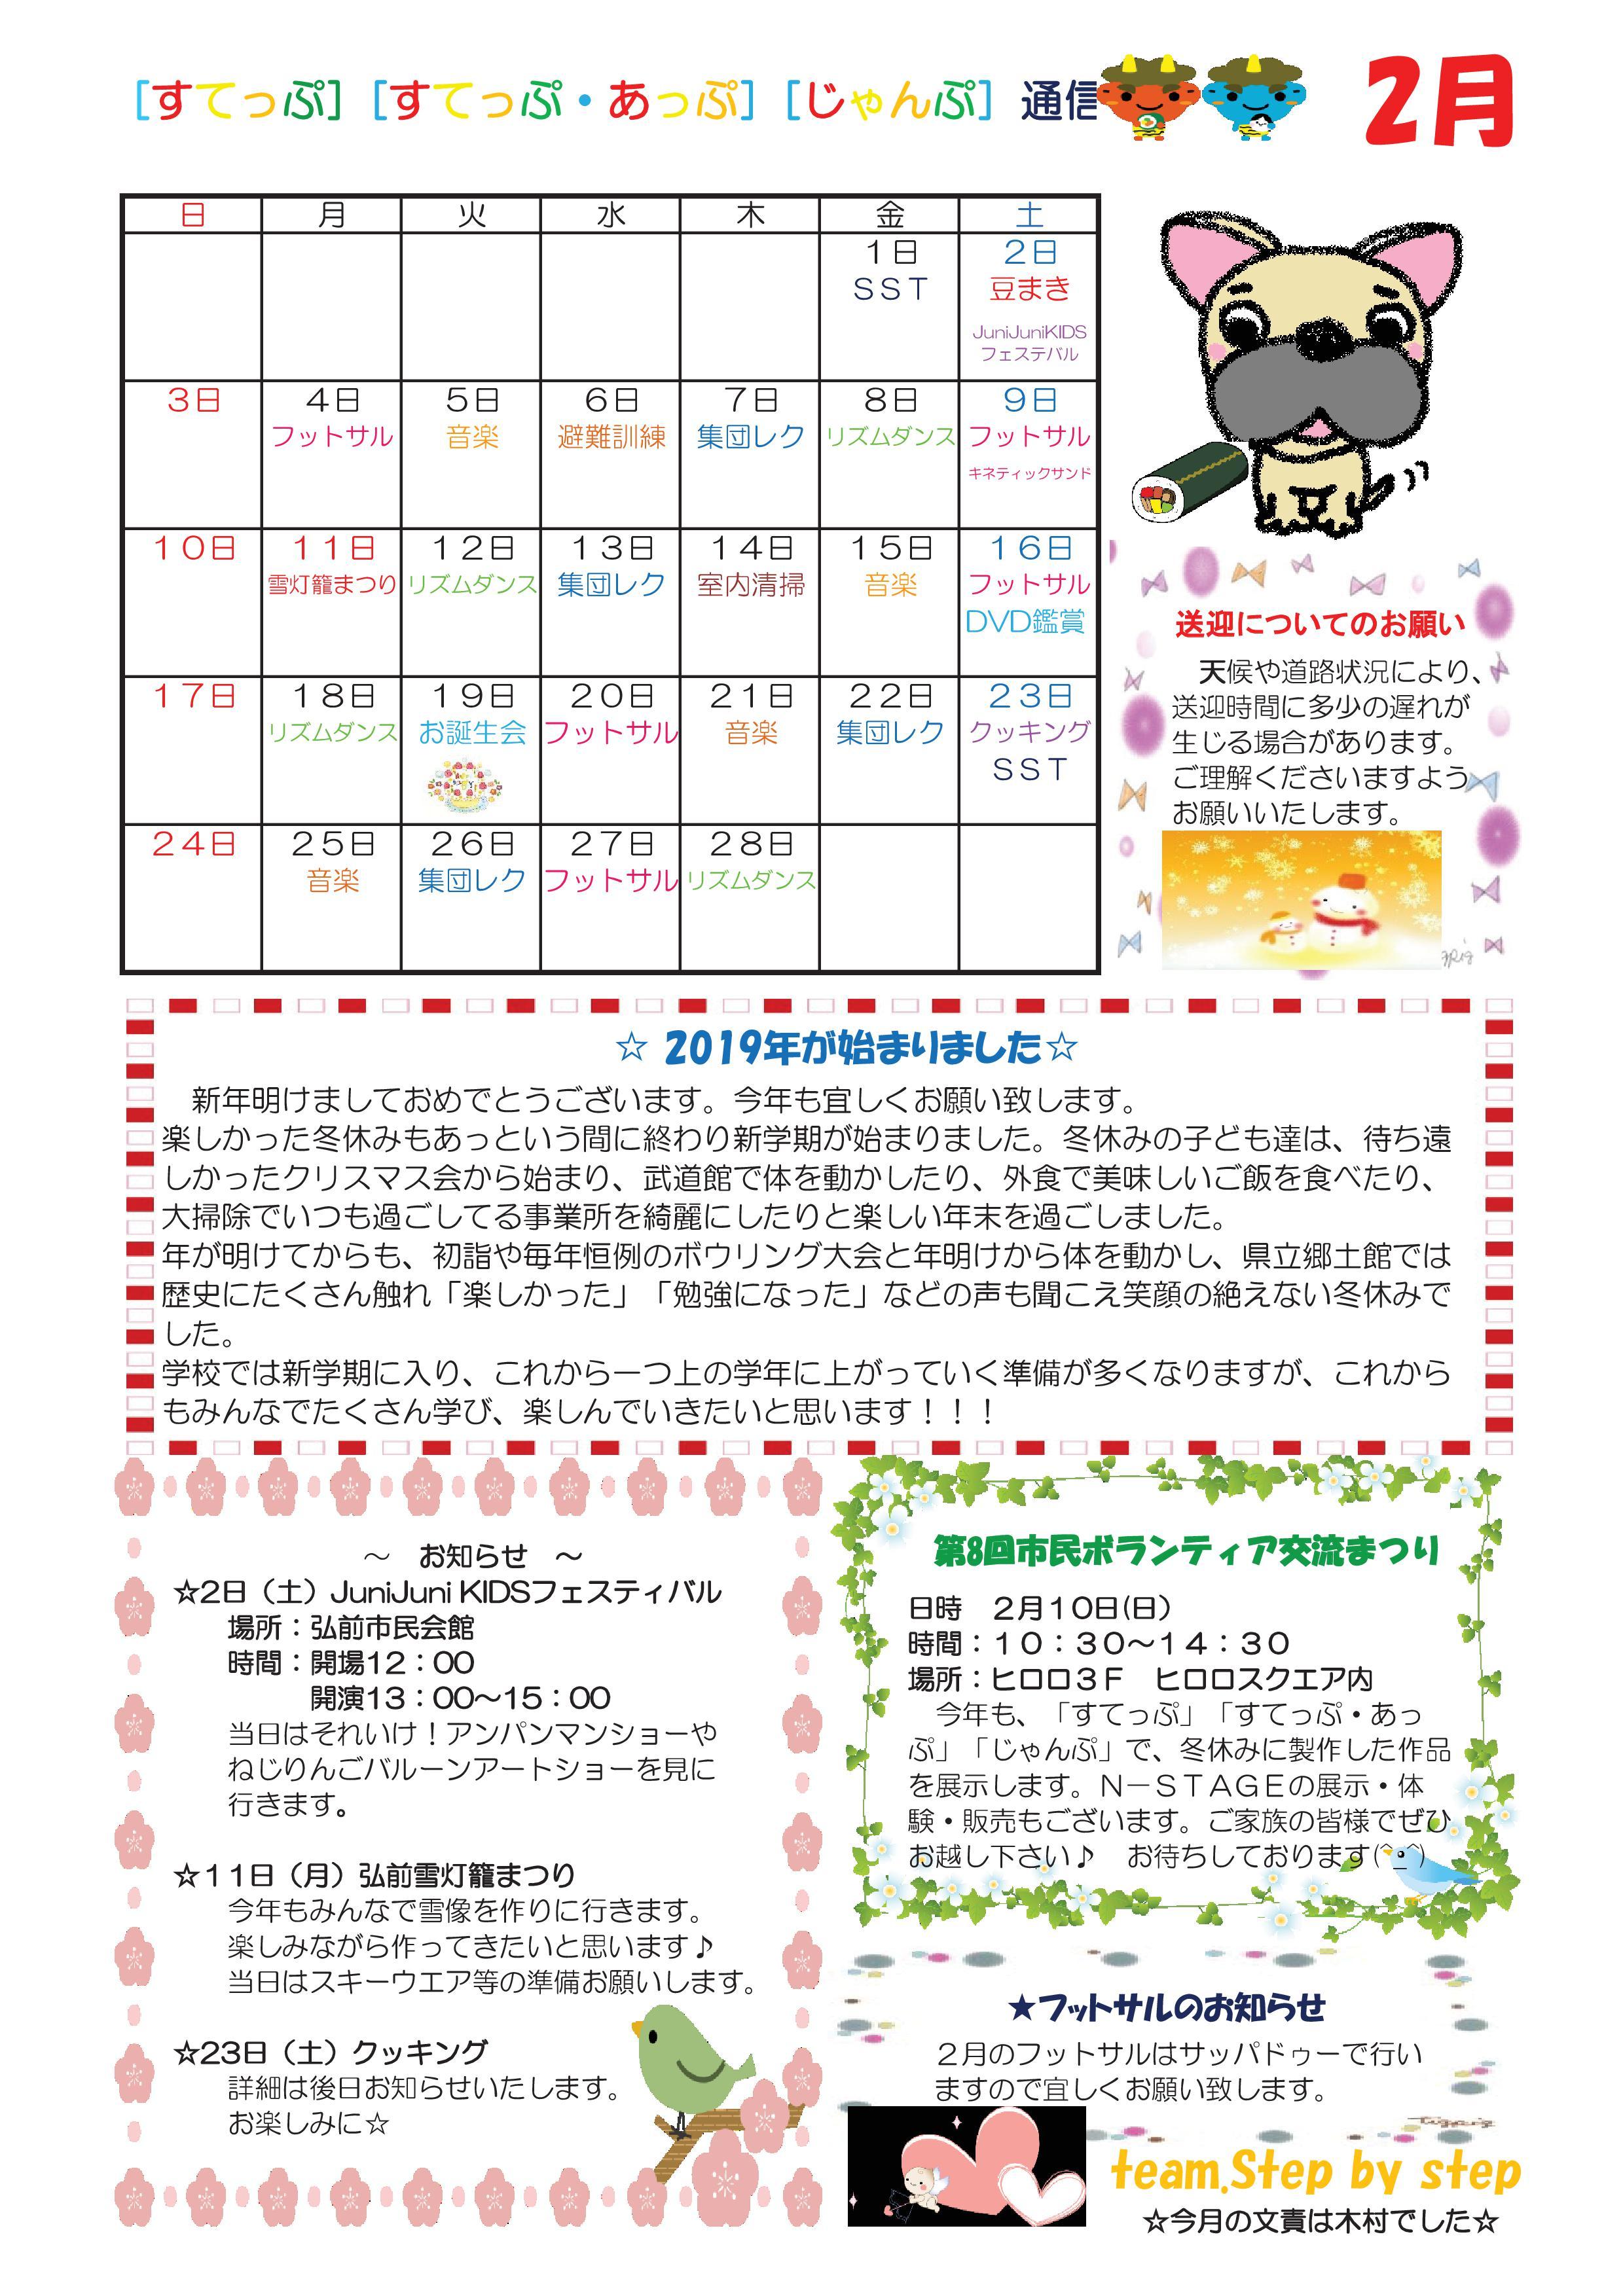 すてっぷ・すてっぷあっぷ・じゃんぷ通信2月号